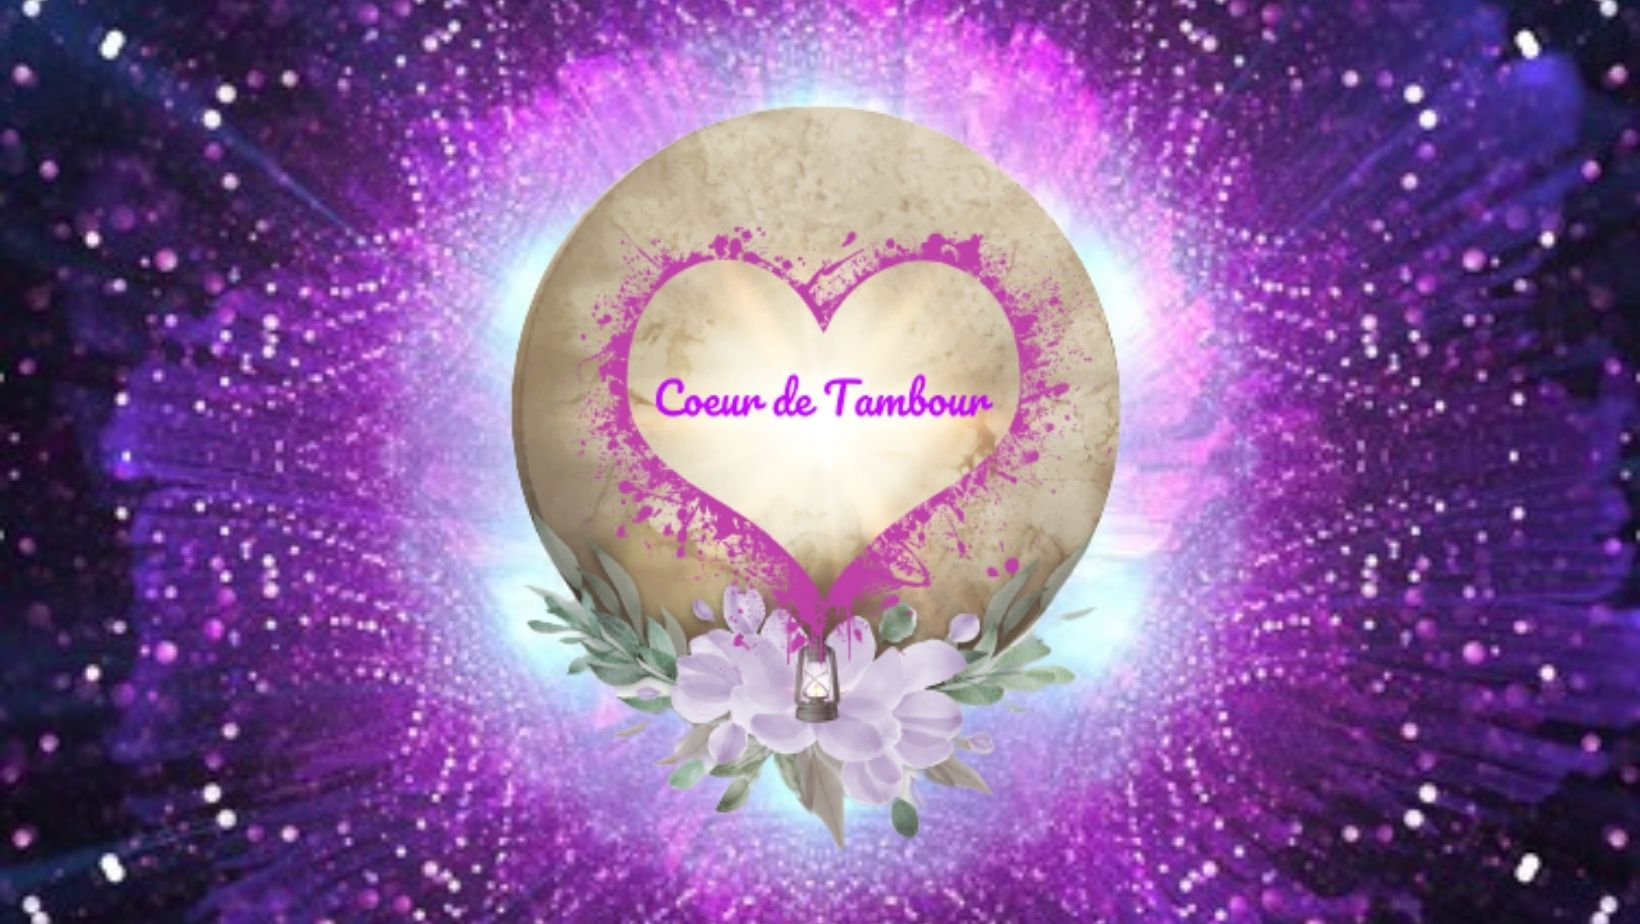 Cœur de Tambour